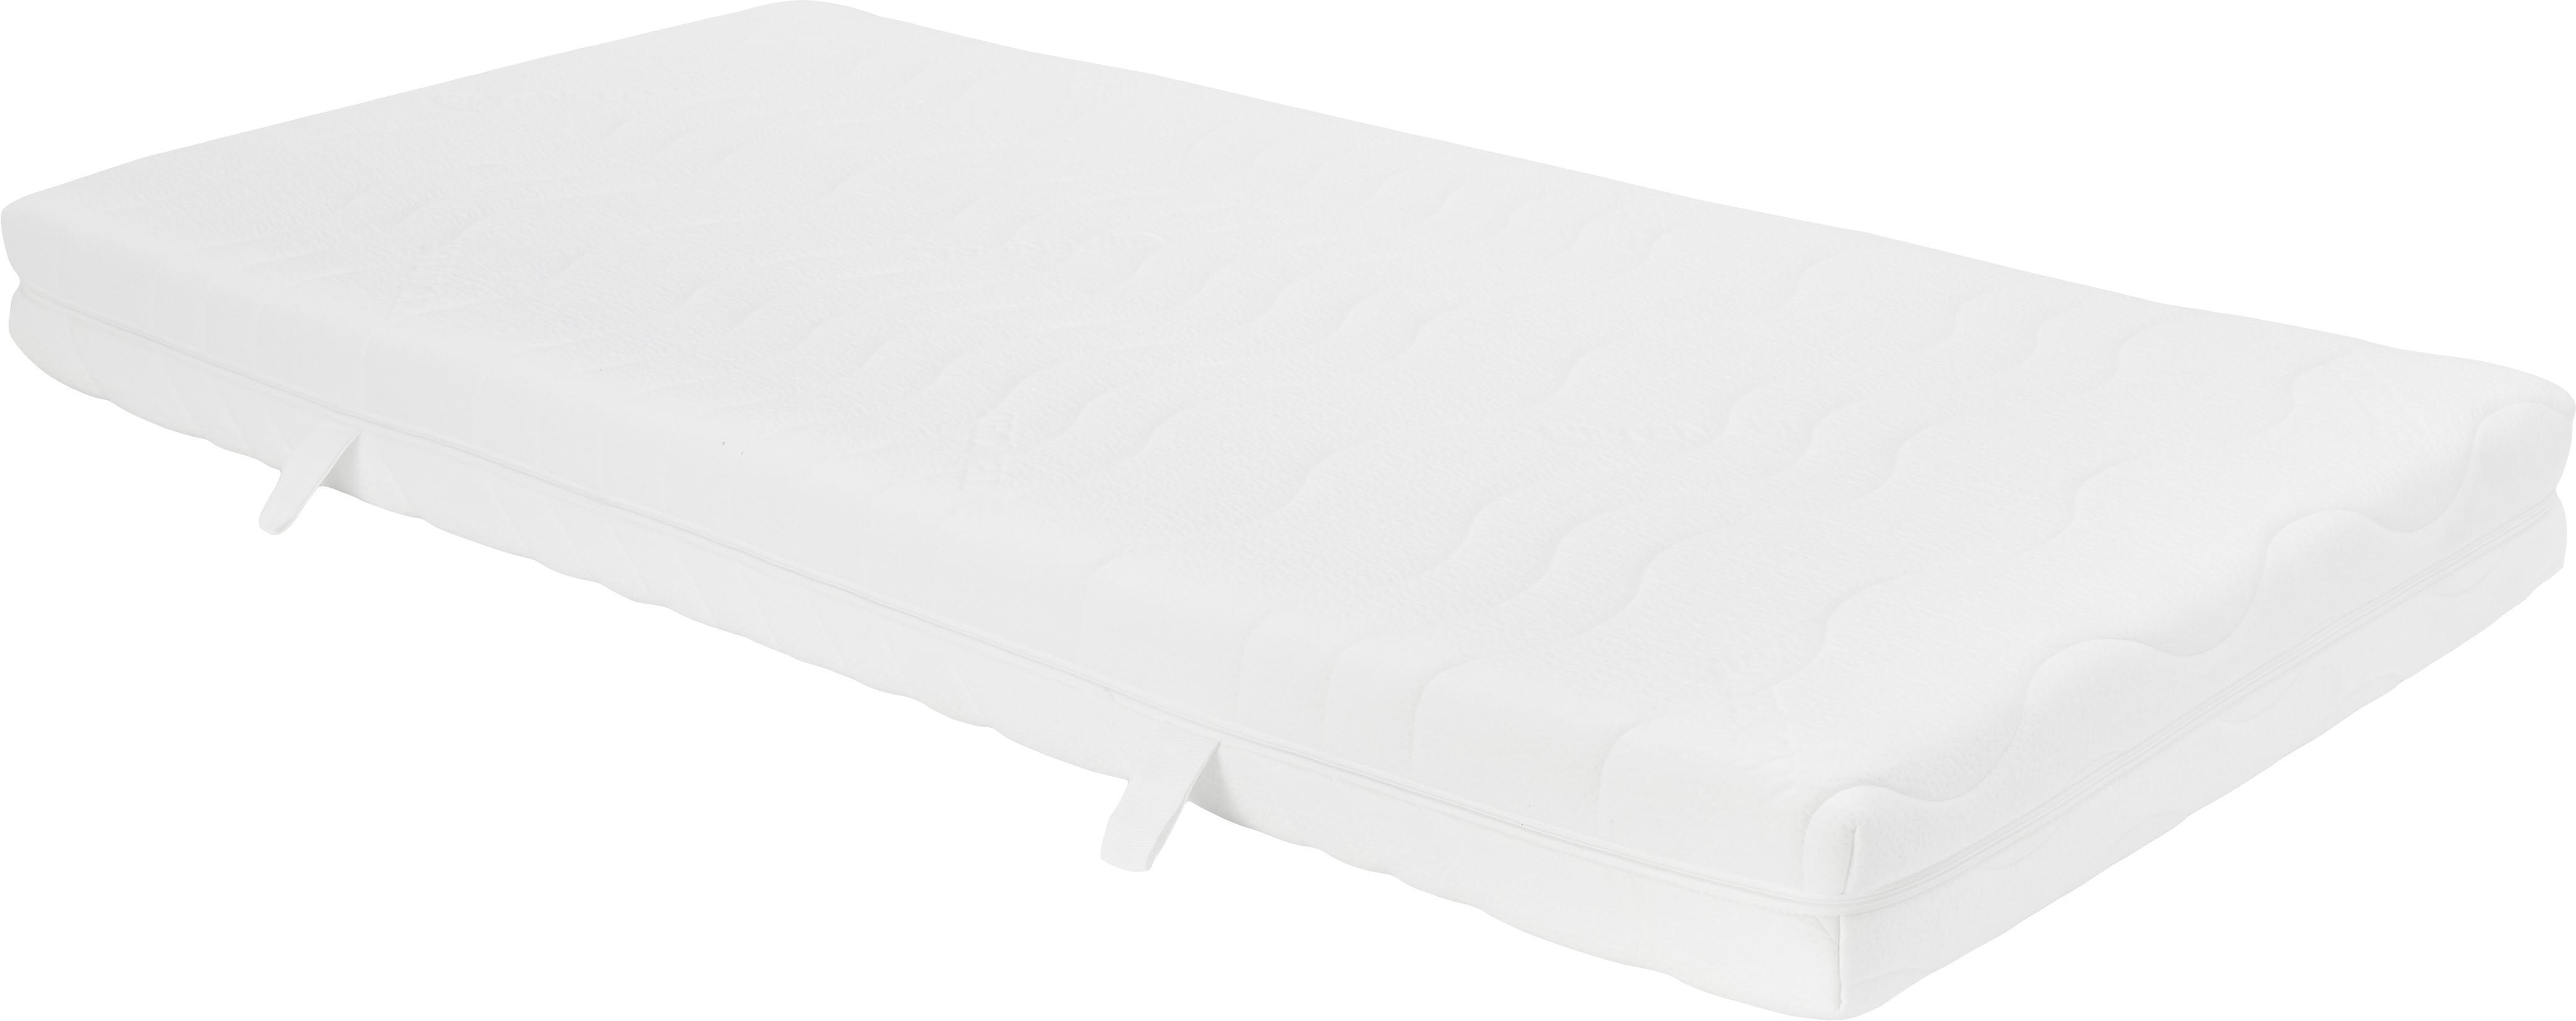 Materac z zimnej pianki Vital, Tapicerka: podwójny jersey z TENCEL®, Biały, 90 x 200 cm